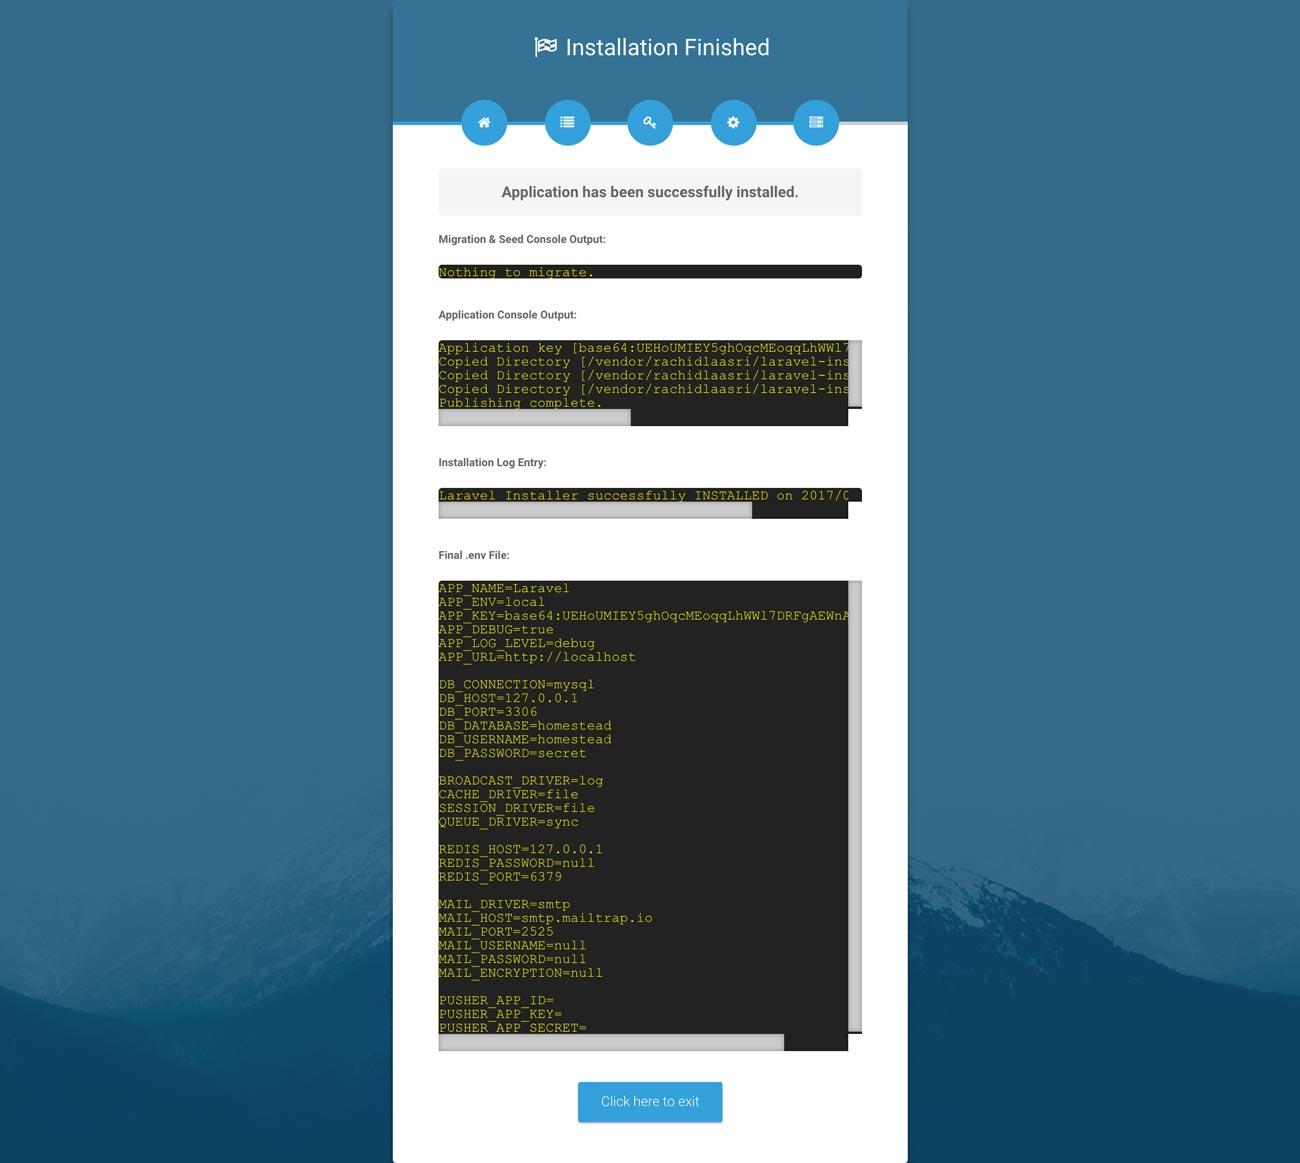 Laravel web installer | Step 5